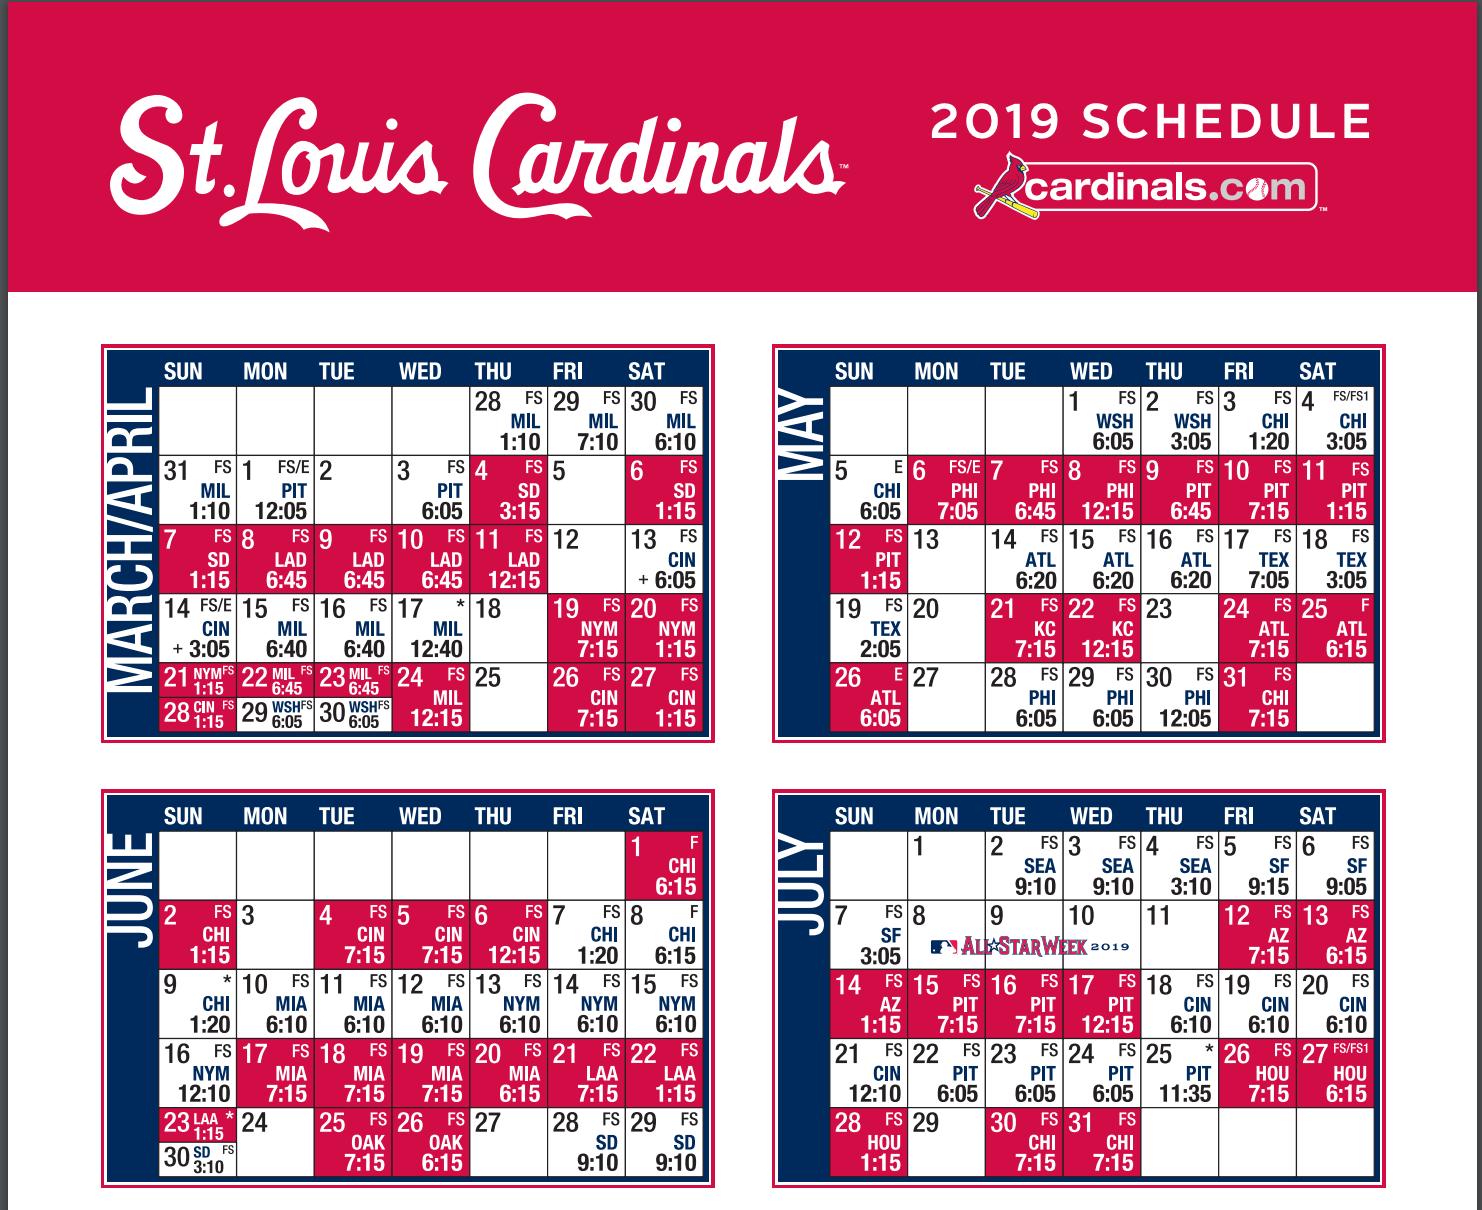 Cardinals Sched top 2019